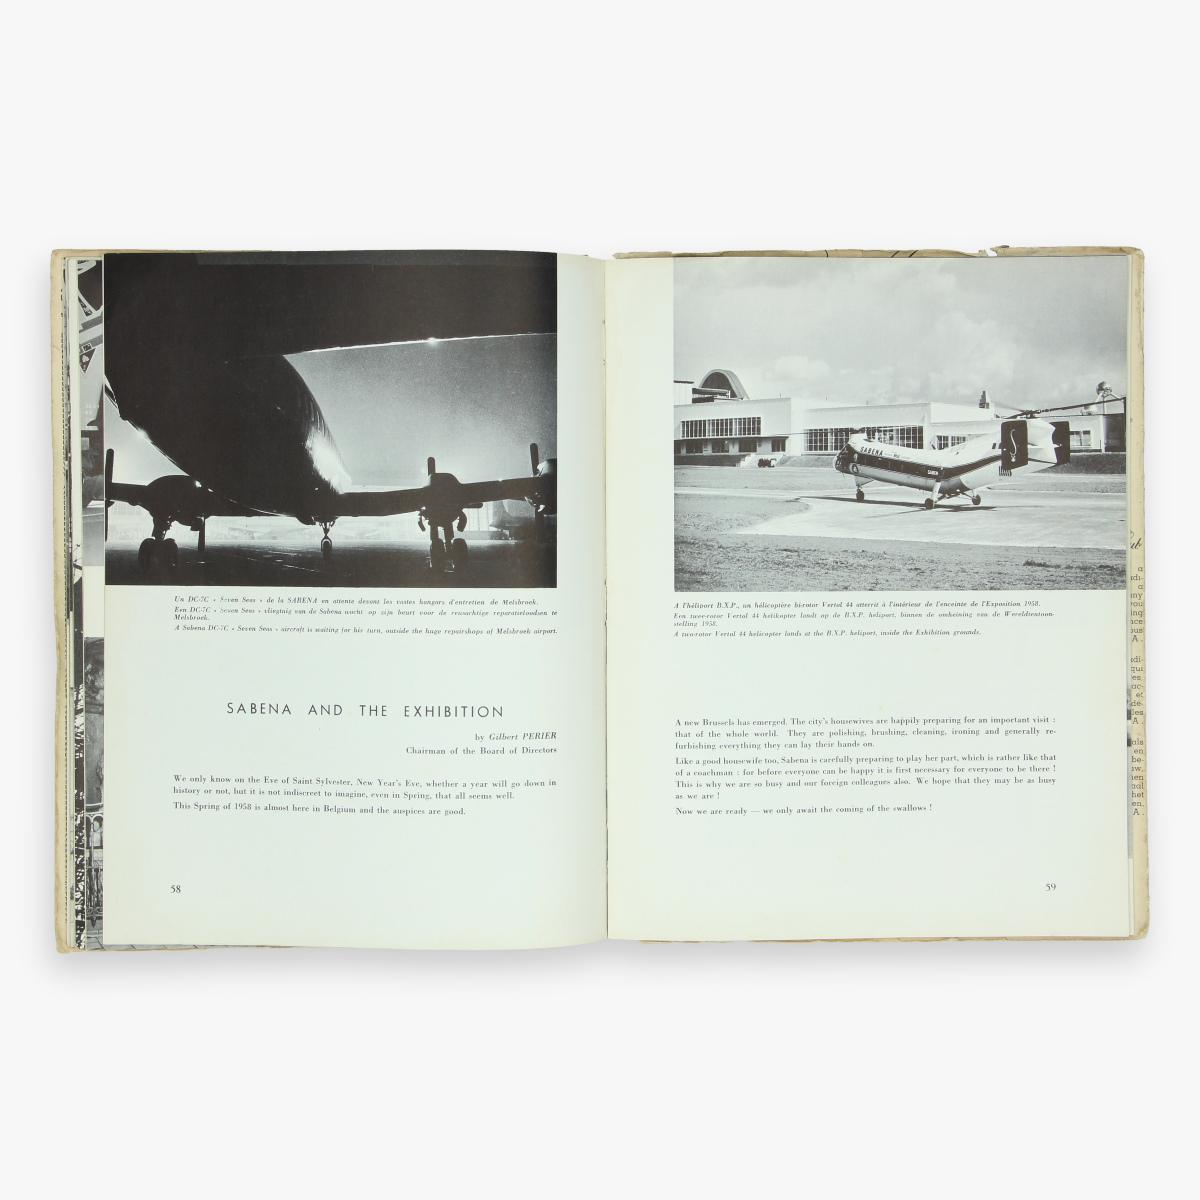 Afbeeldingen van sabena revue 1958 expo 58 magazine ned - franstalig